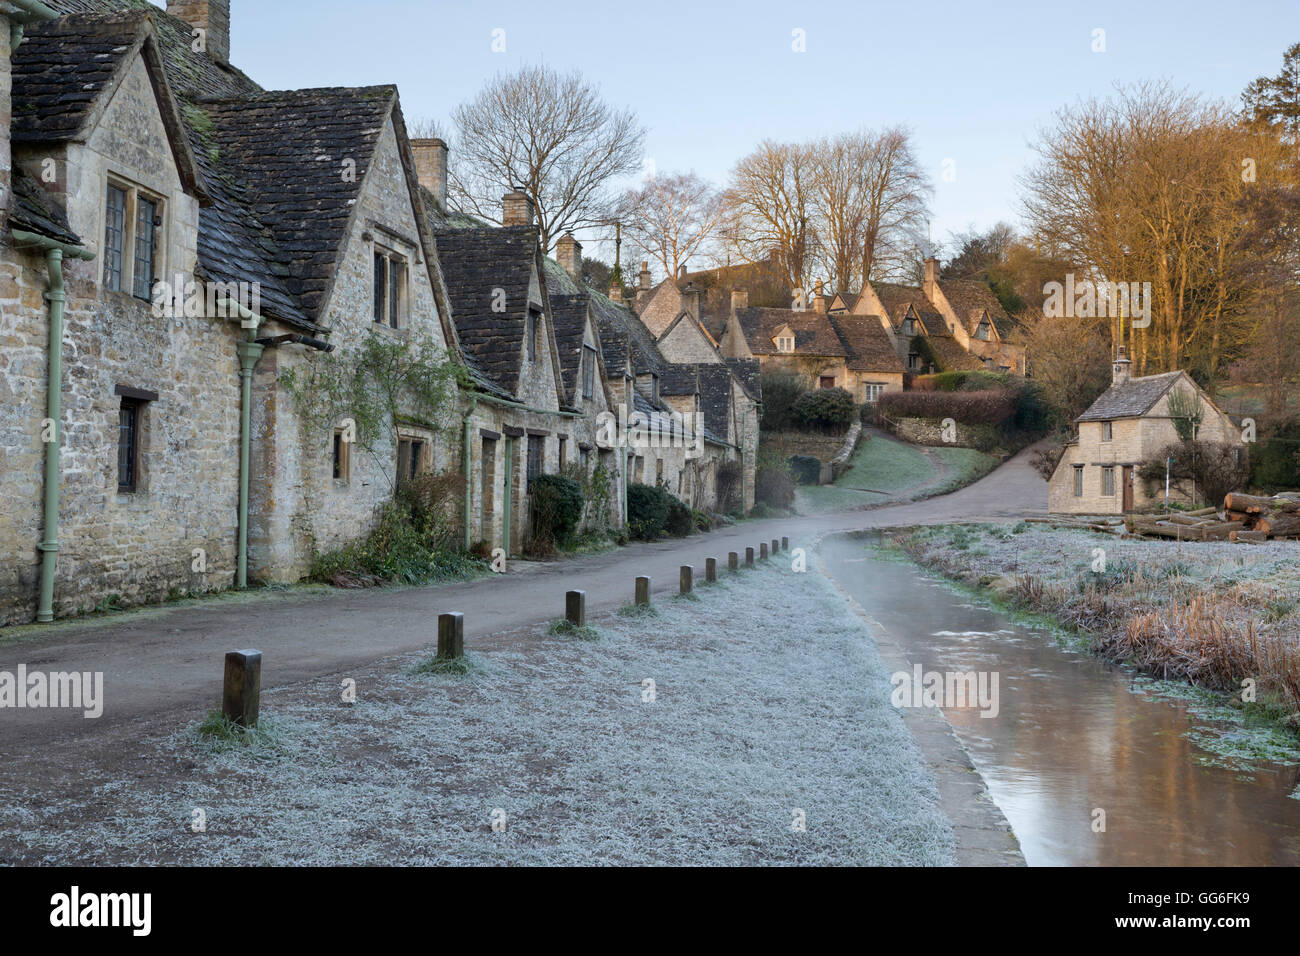 Arlington Row Cotswold stone cottages on frosty morning, Bibury, Cotswolds, Gloucestershire, England, United Kingdom, - Stock Image